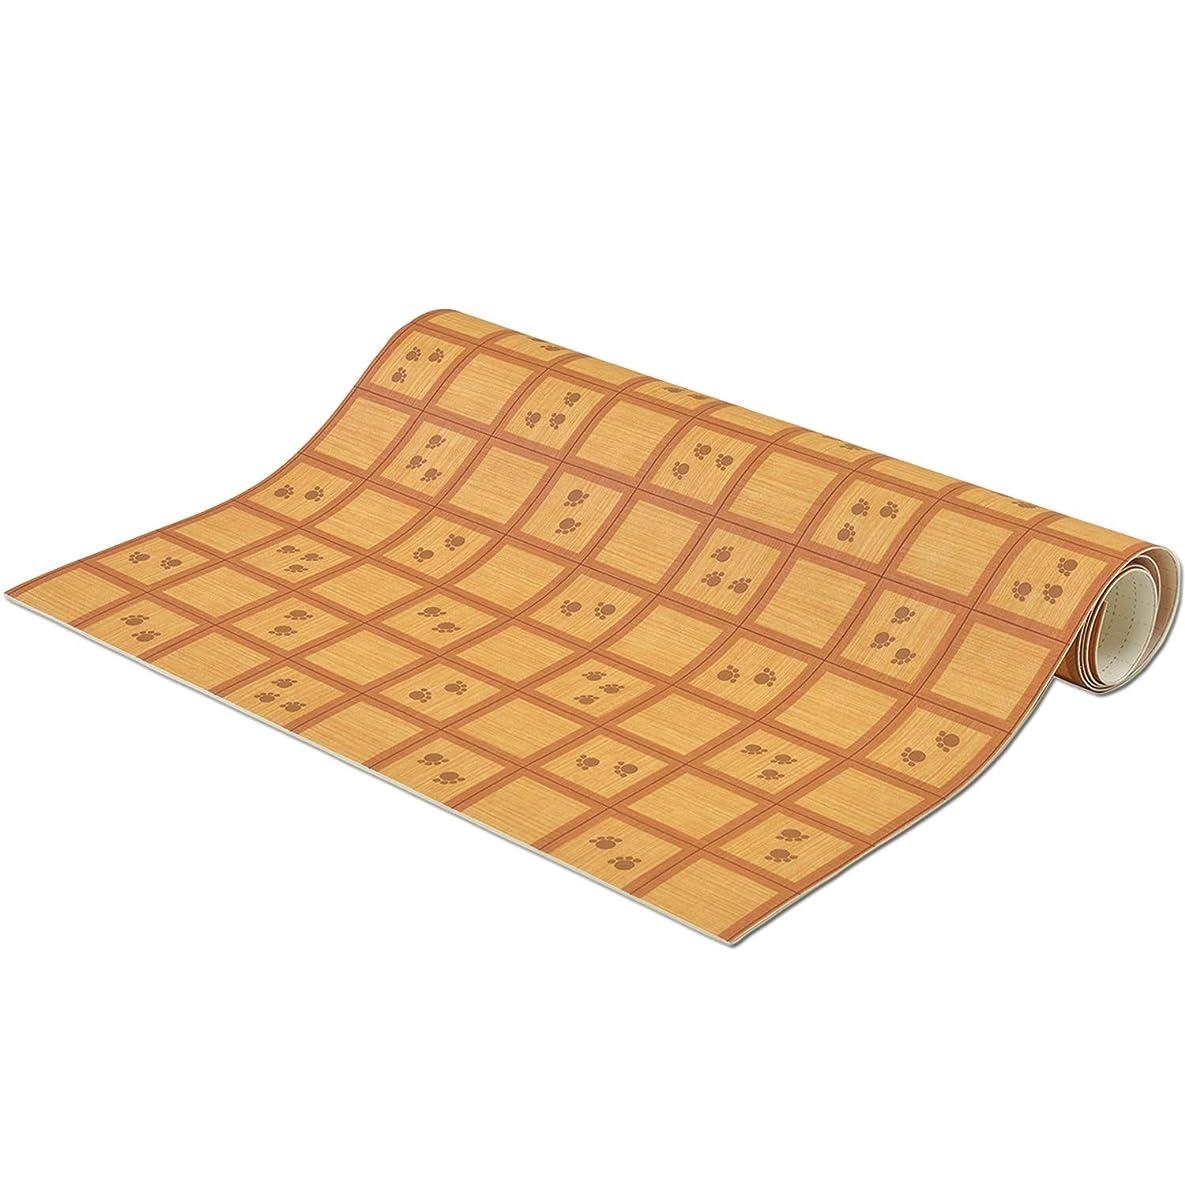 肺炎成功する服を片付けるNBL ペット用 拭ける消臭床シート 滑り止め付き 肉球ウッド 約90×100cm 抗菌 床保護